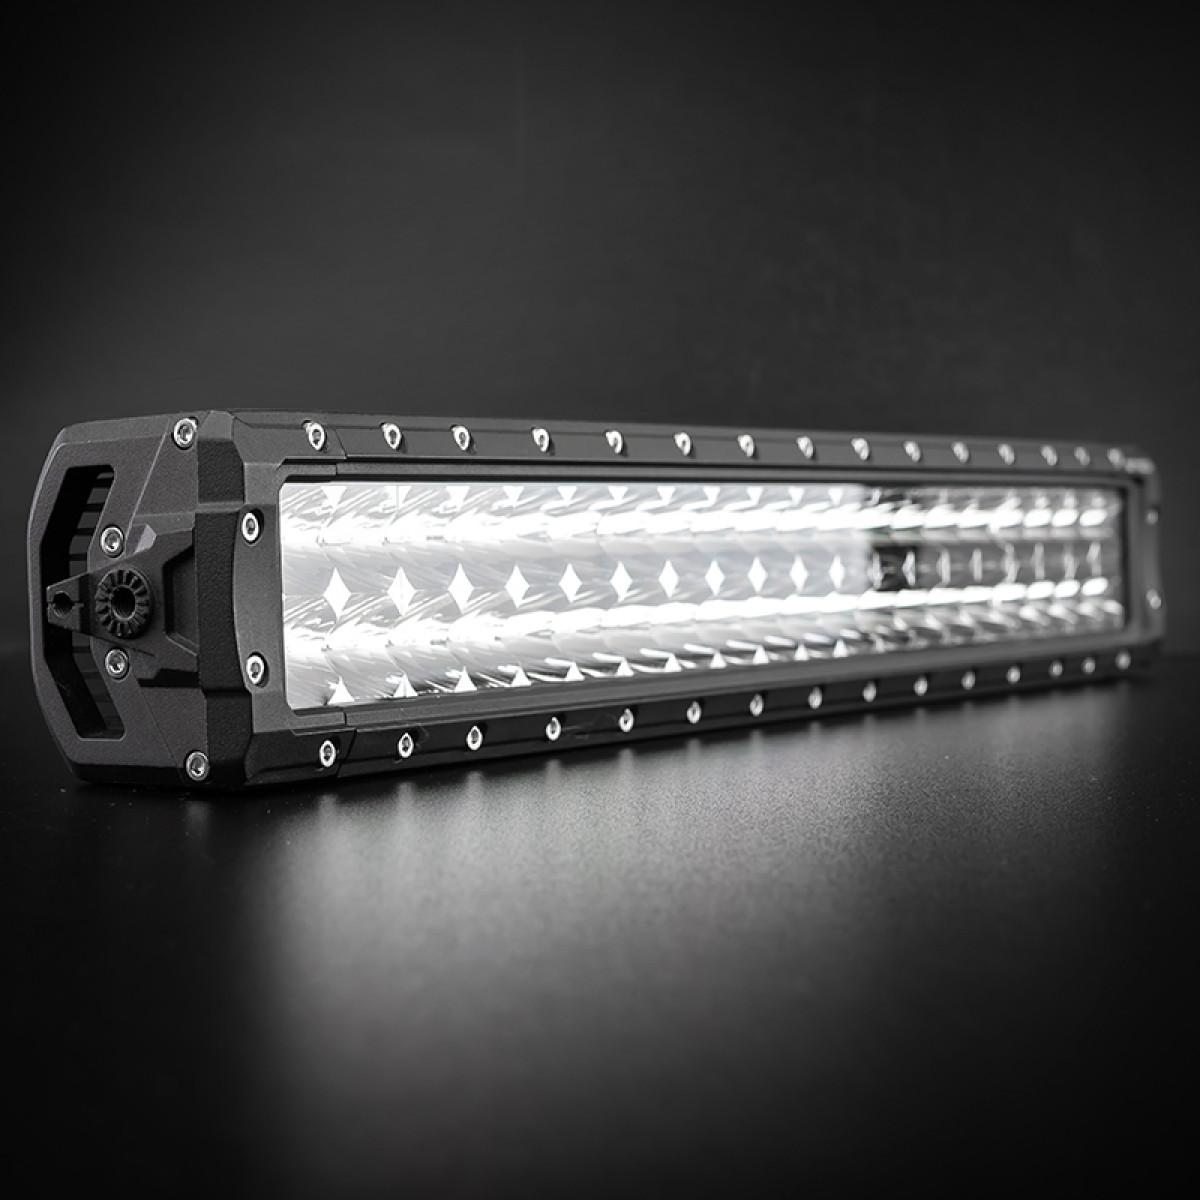 22 INCH ST4K 40 LED DOUBLE ROW LIGHT BAR